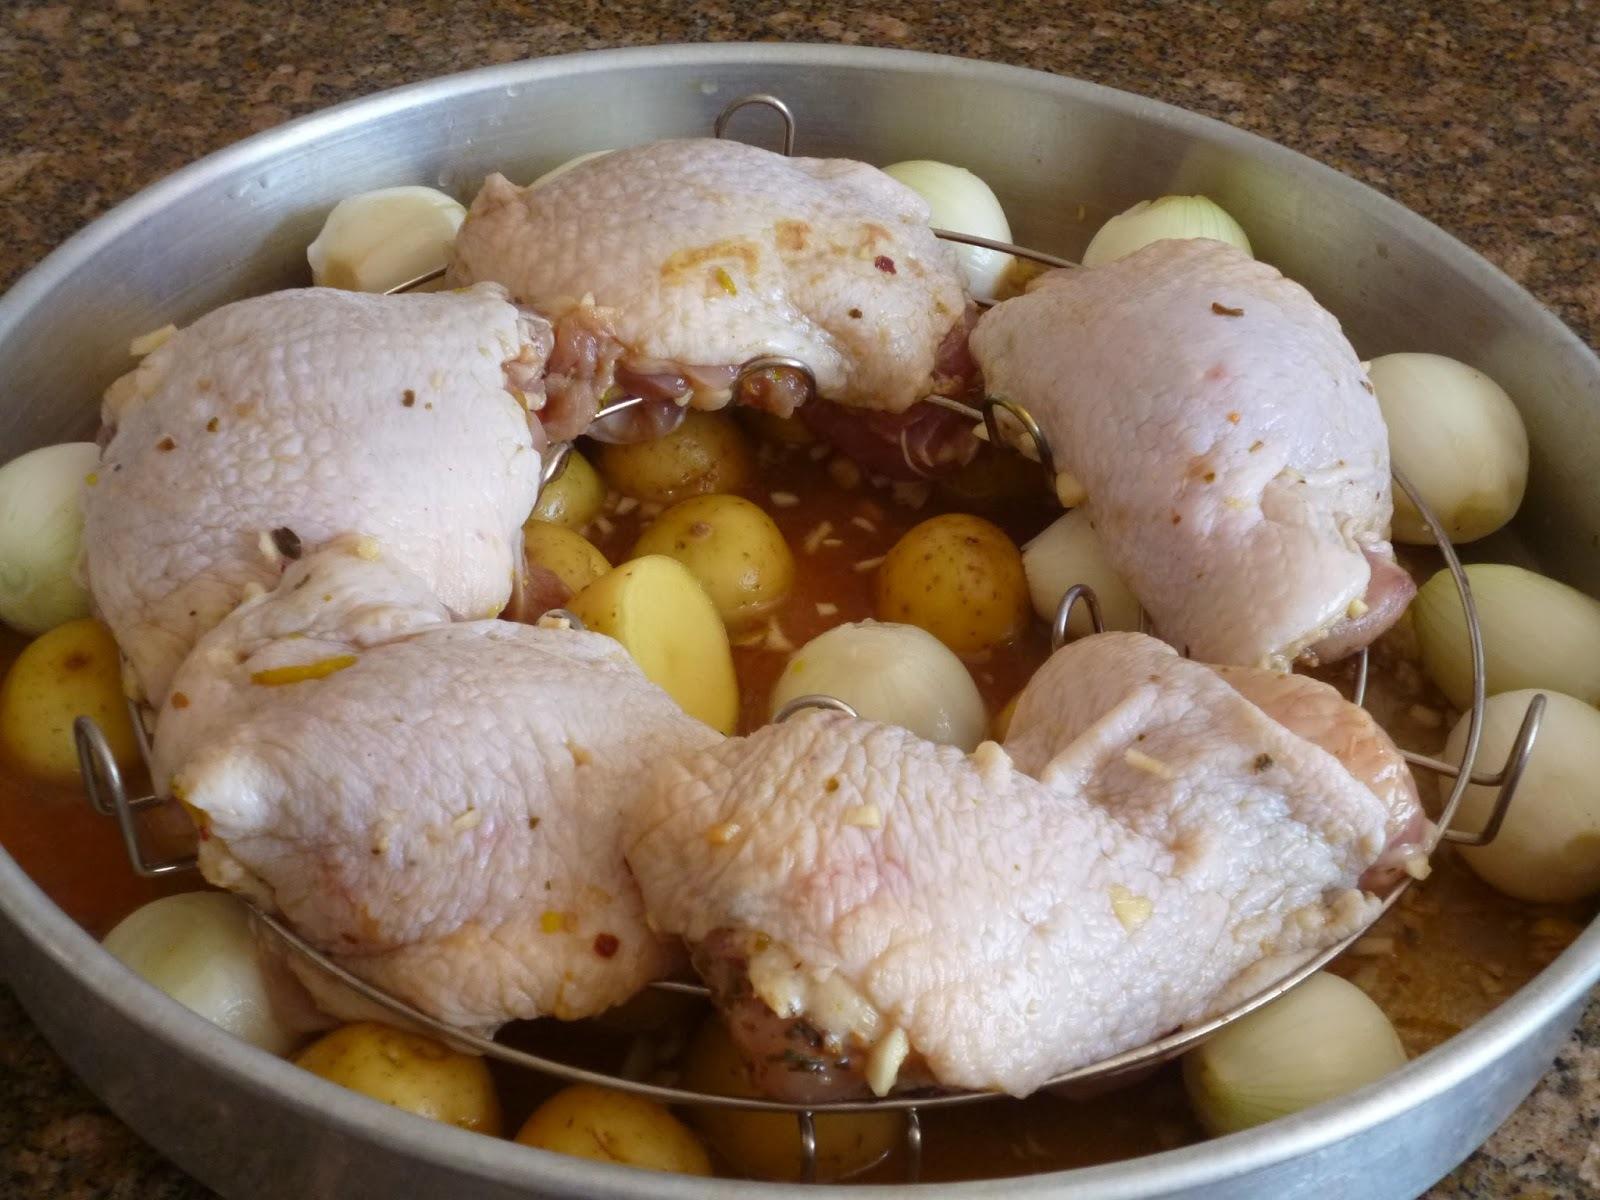 batata com molho branco no forno ana maria braga